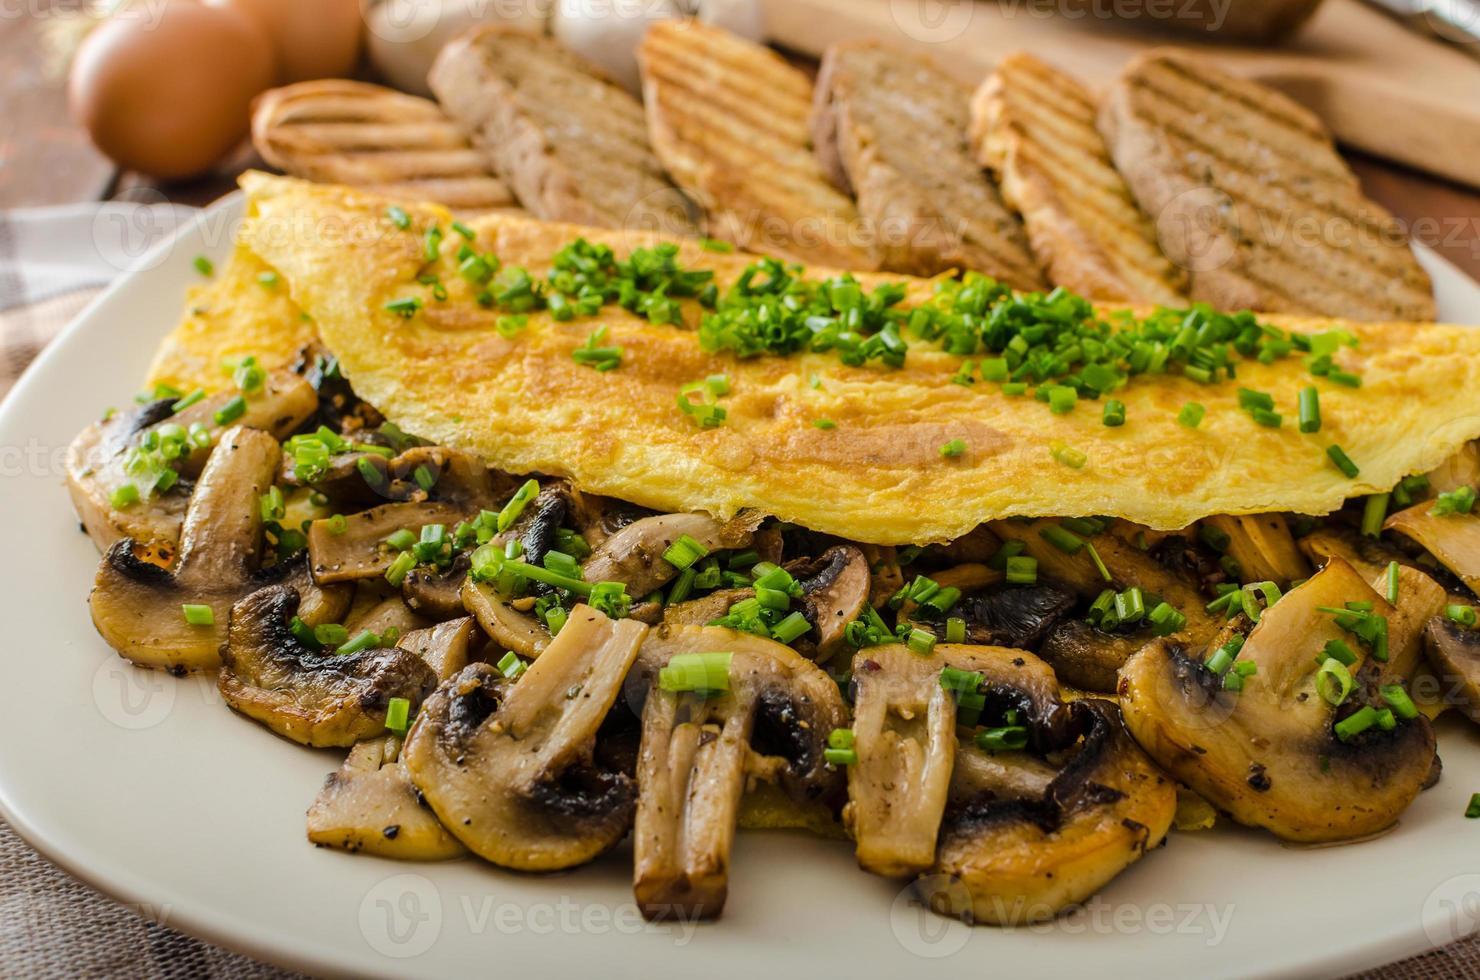 rustik omelett med svamp på gräslök foto